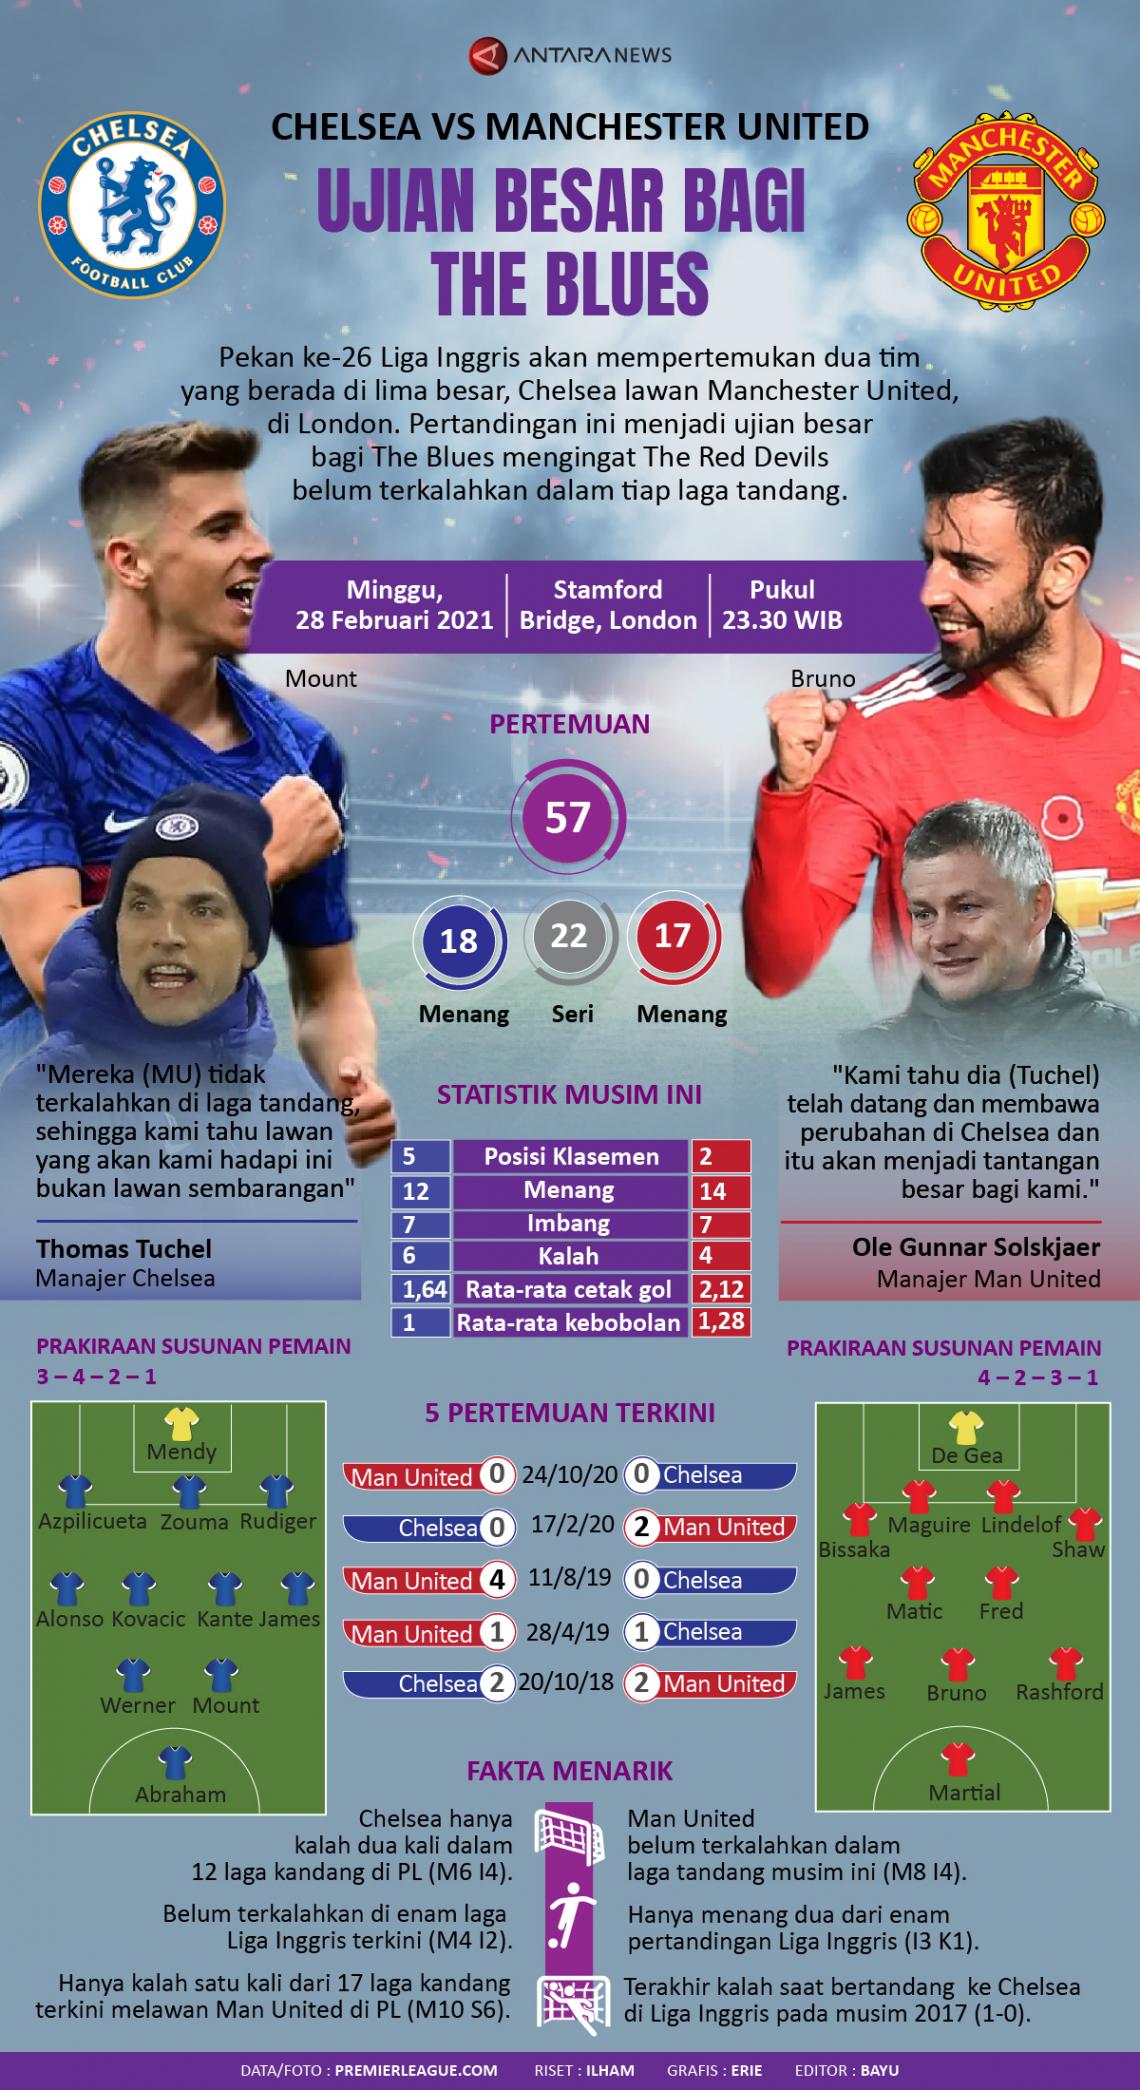 Chelsea vs Man United: Ujian besar bagi The Blues